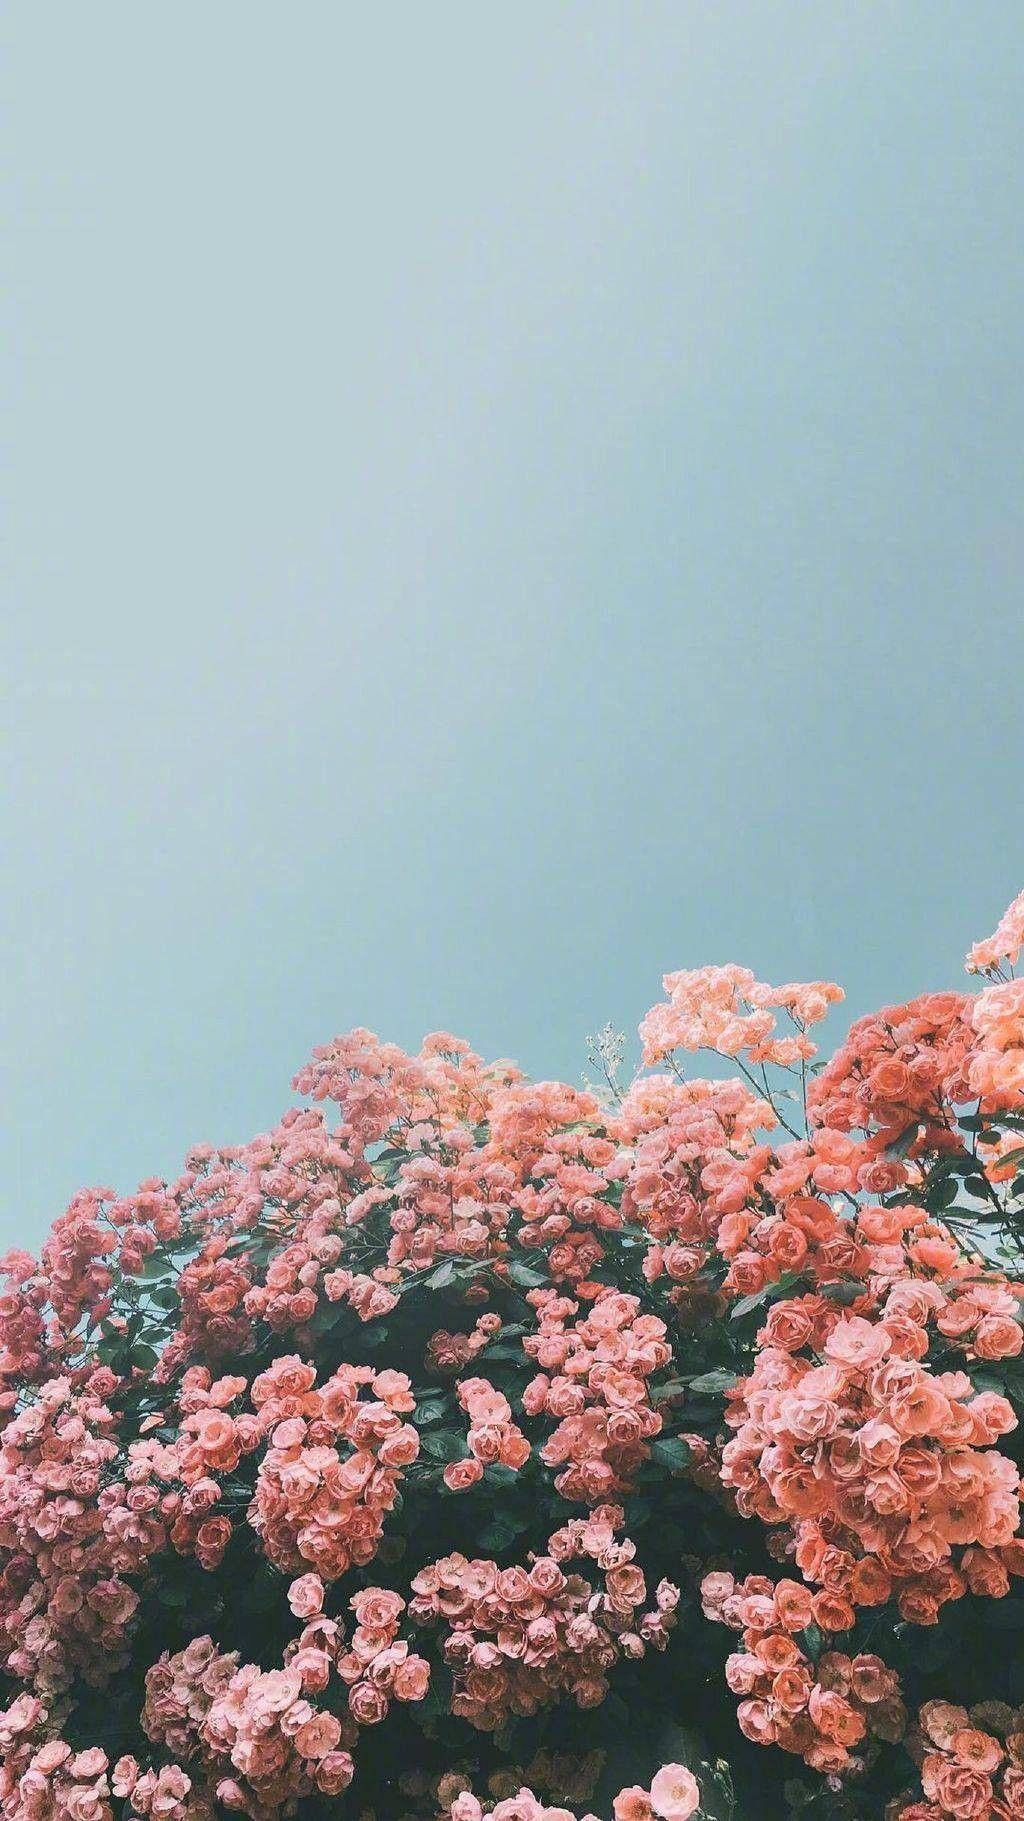 𝚙𝚒𝚗𝚝𝚎𝚛𝚎𝚜𝚝 𝚔𝚊𝚕𝚎𝚢𝚑𝚘𝚐𝚐𝚕𝚎 ☆ 𝚟𝚜𝚌𝚘 𝚔𝚊𝚕𝚎𝚢𝚑𝚘𝚐𝚐𝚕𝚎 ☆ Flower